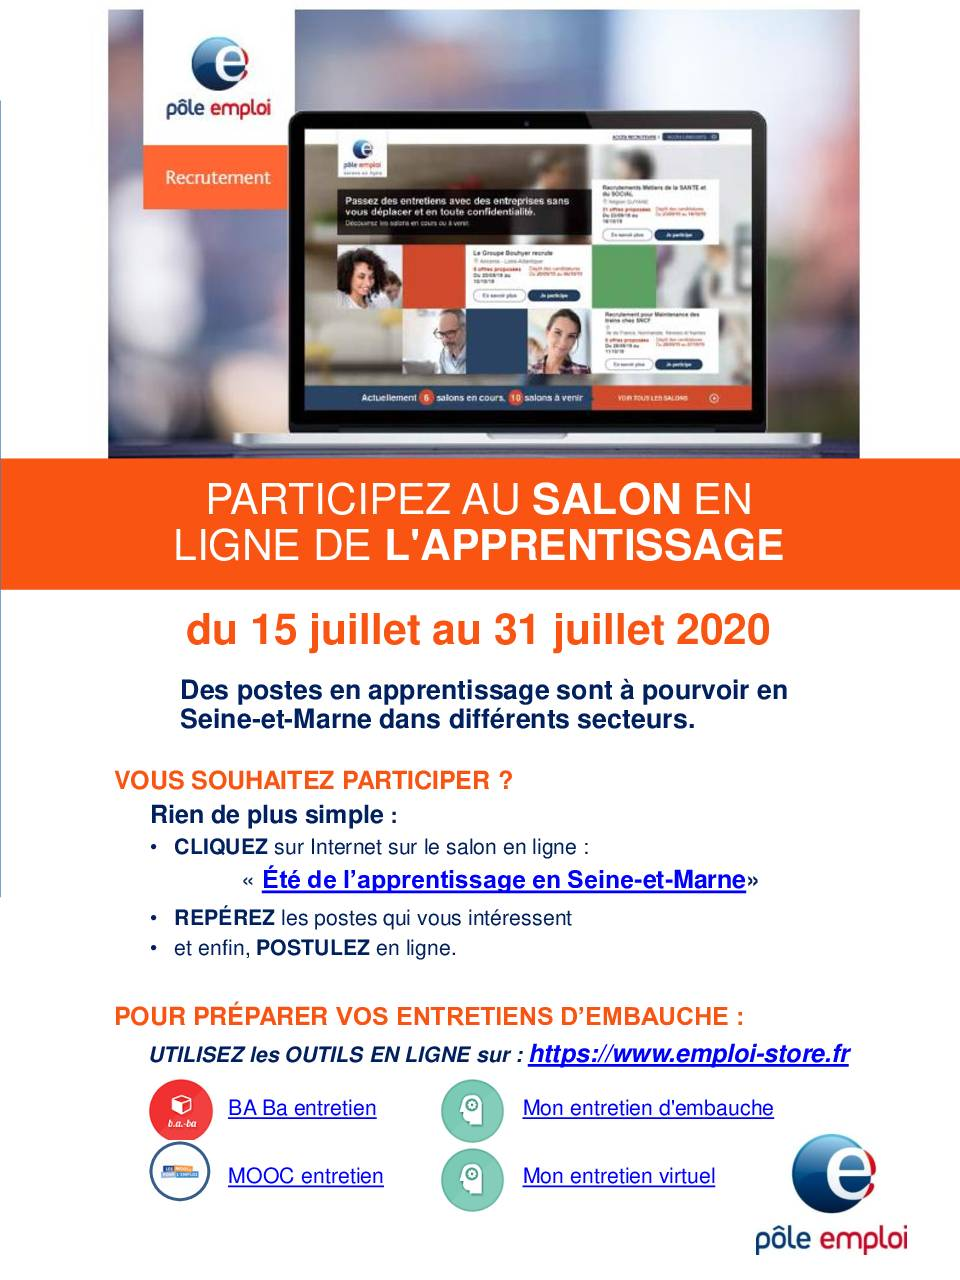 Salon virtuel « l'été de l'apprentissage en Seine-et-Marne »